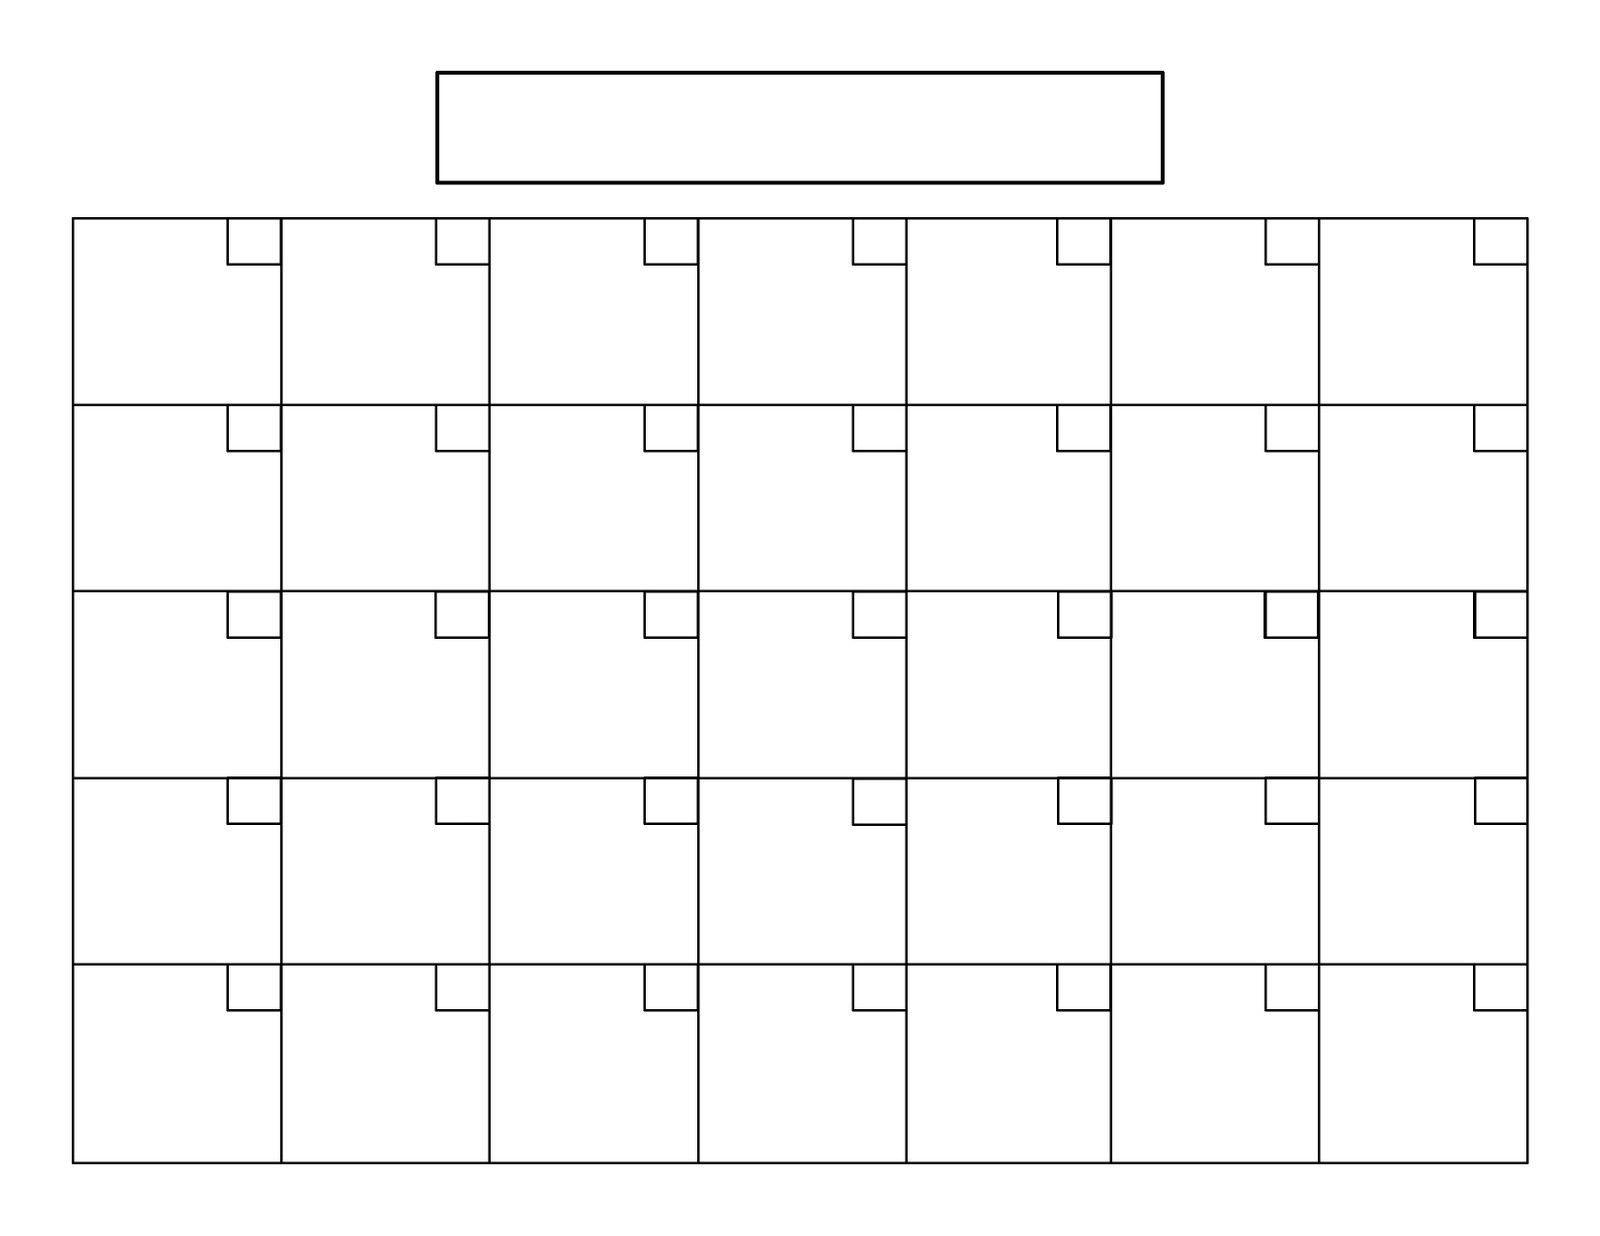 Printable 5 Day Calendar | Printable Blank Calendar, Blank-5 Day Blank Calendar